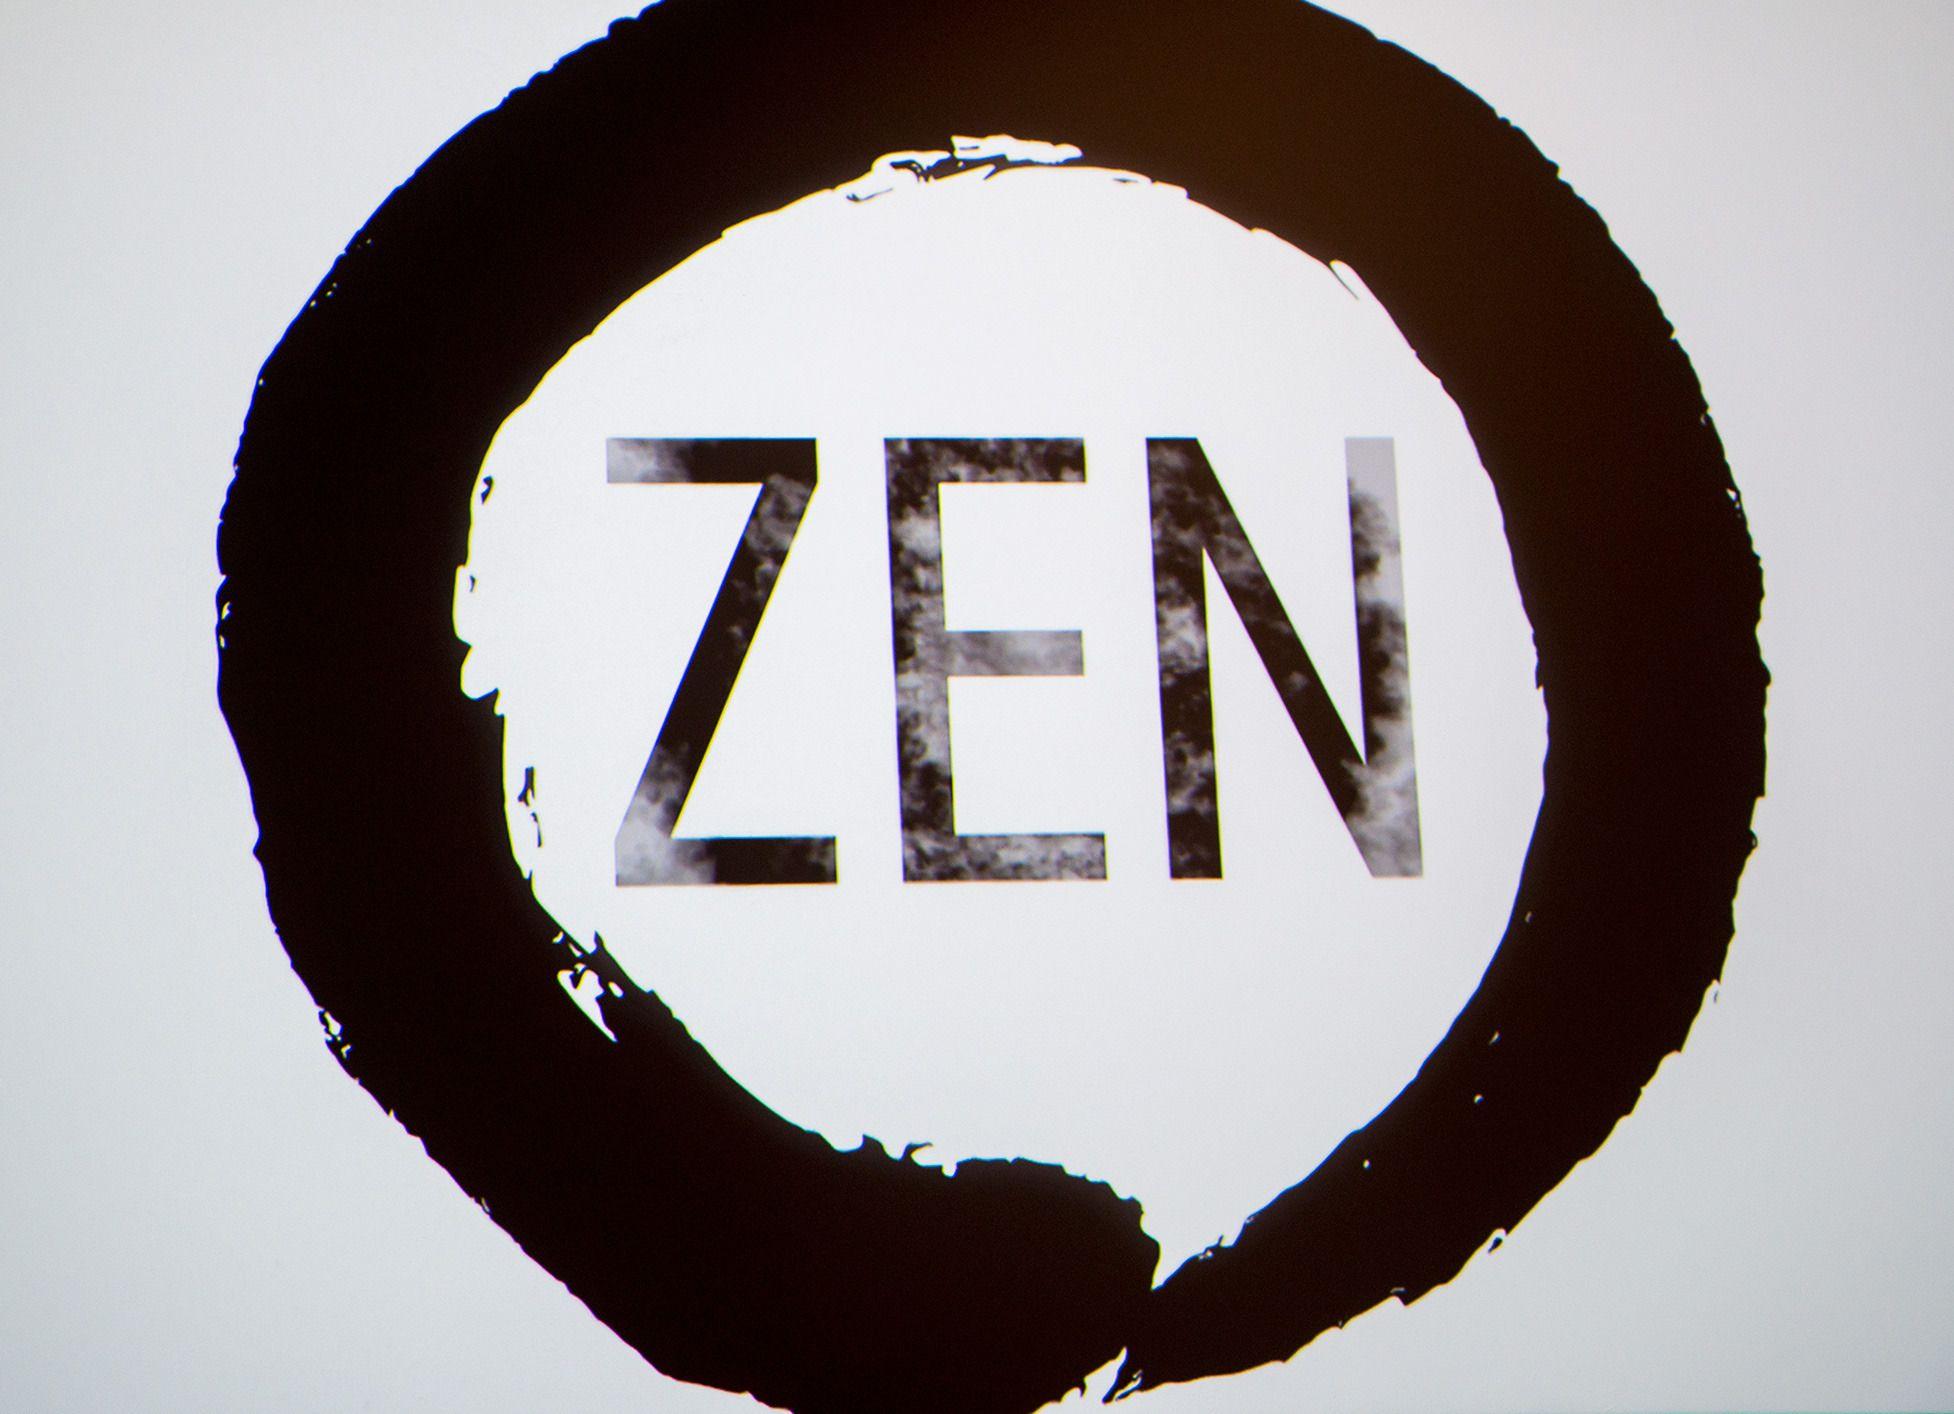 Det er mye spenning knyttet til AMDs Zen-arkitektur.